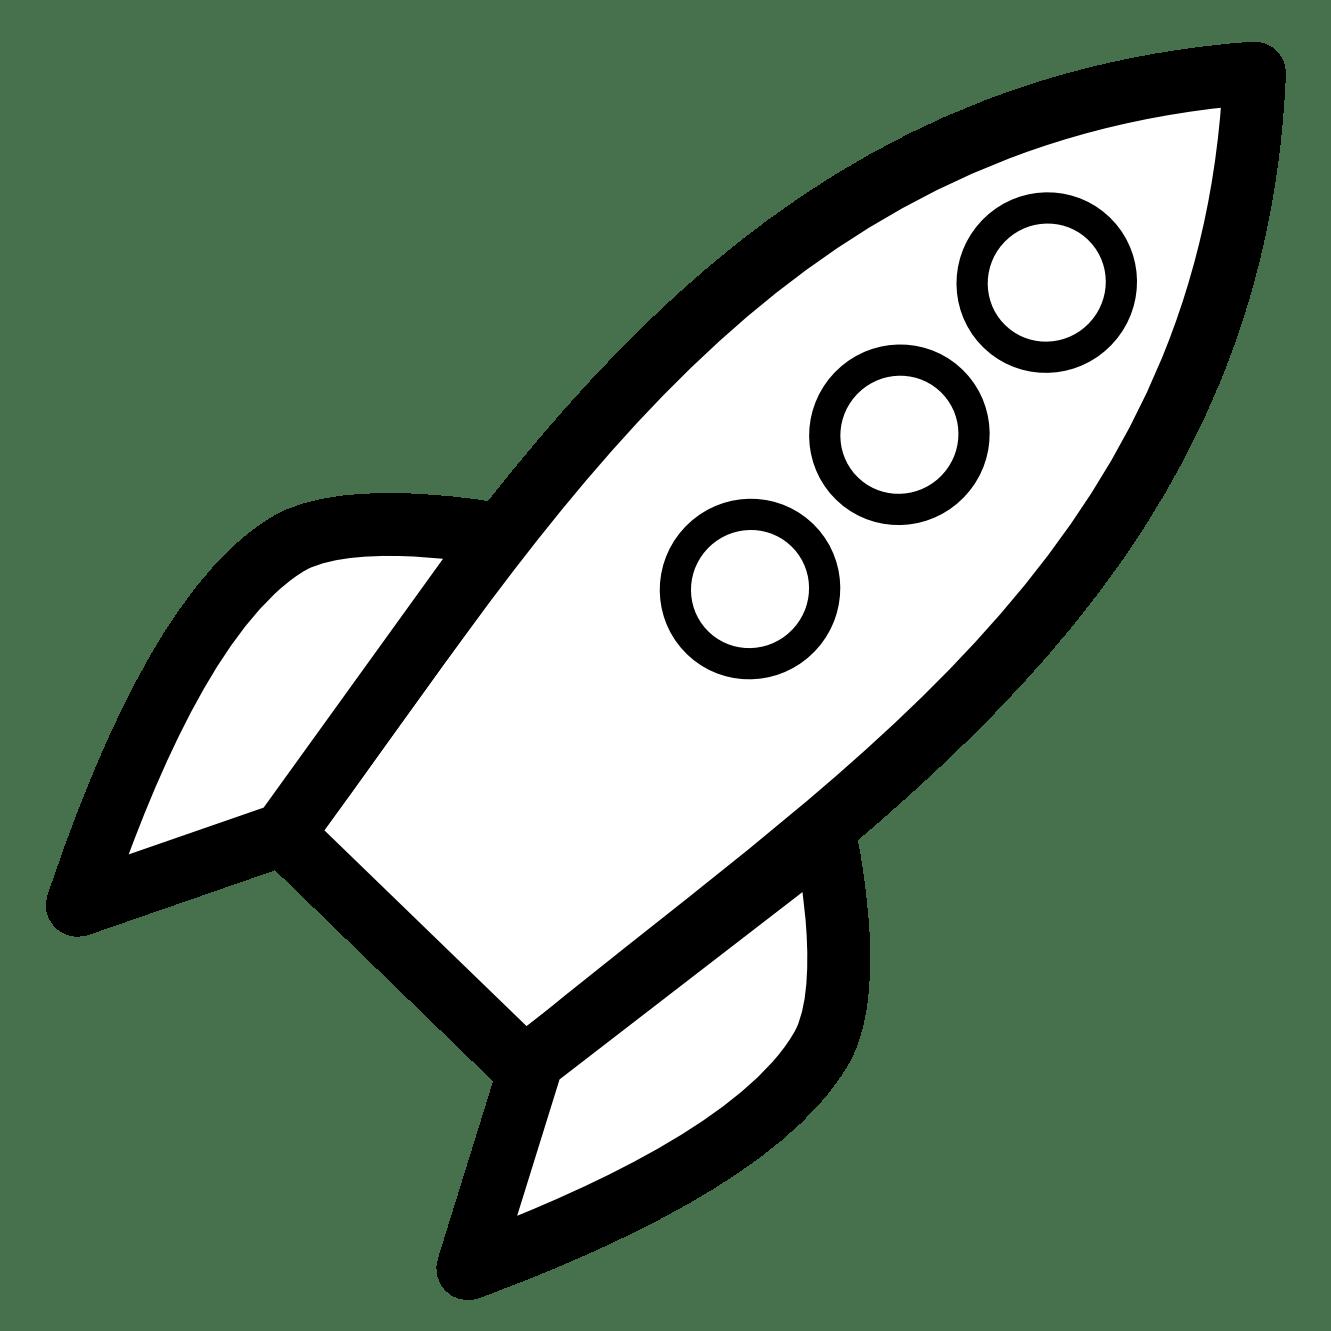 Rocket 20clipart Clipart Panda